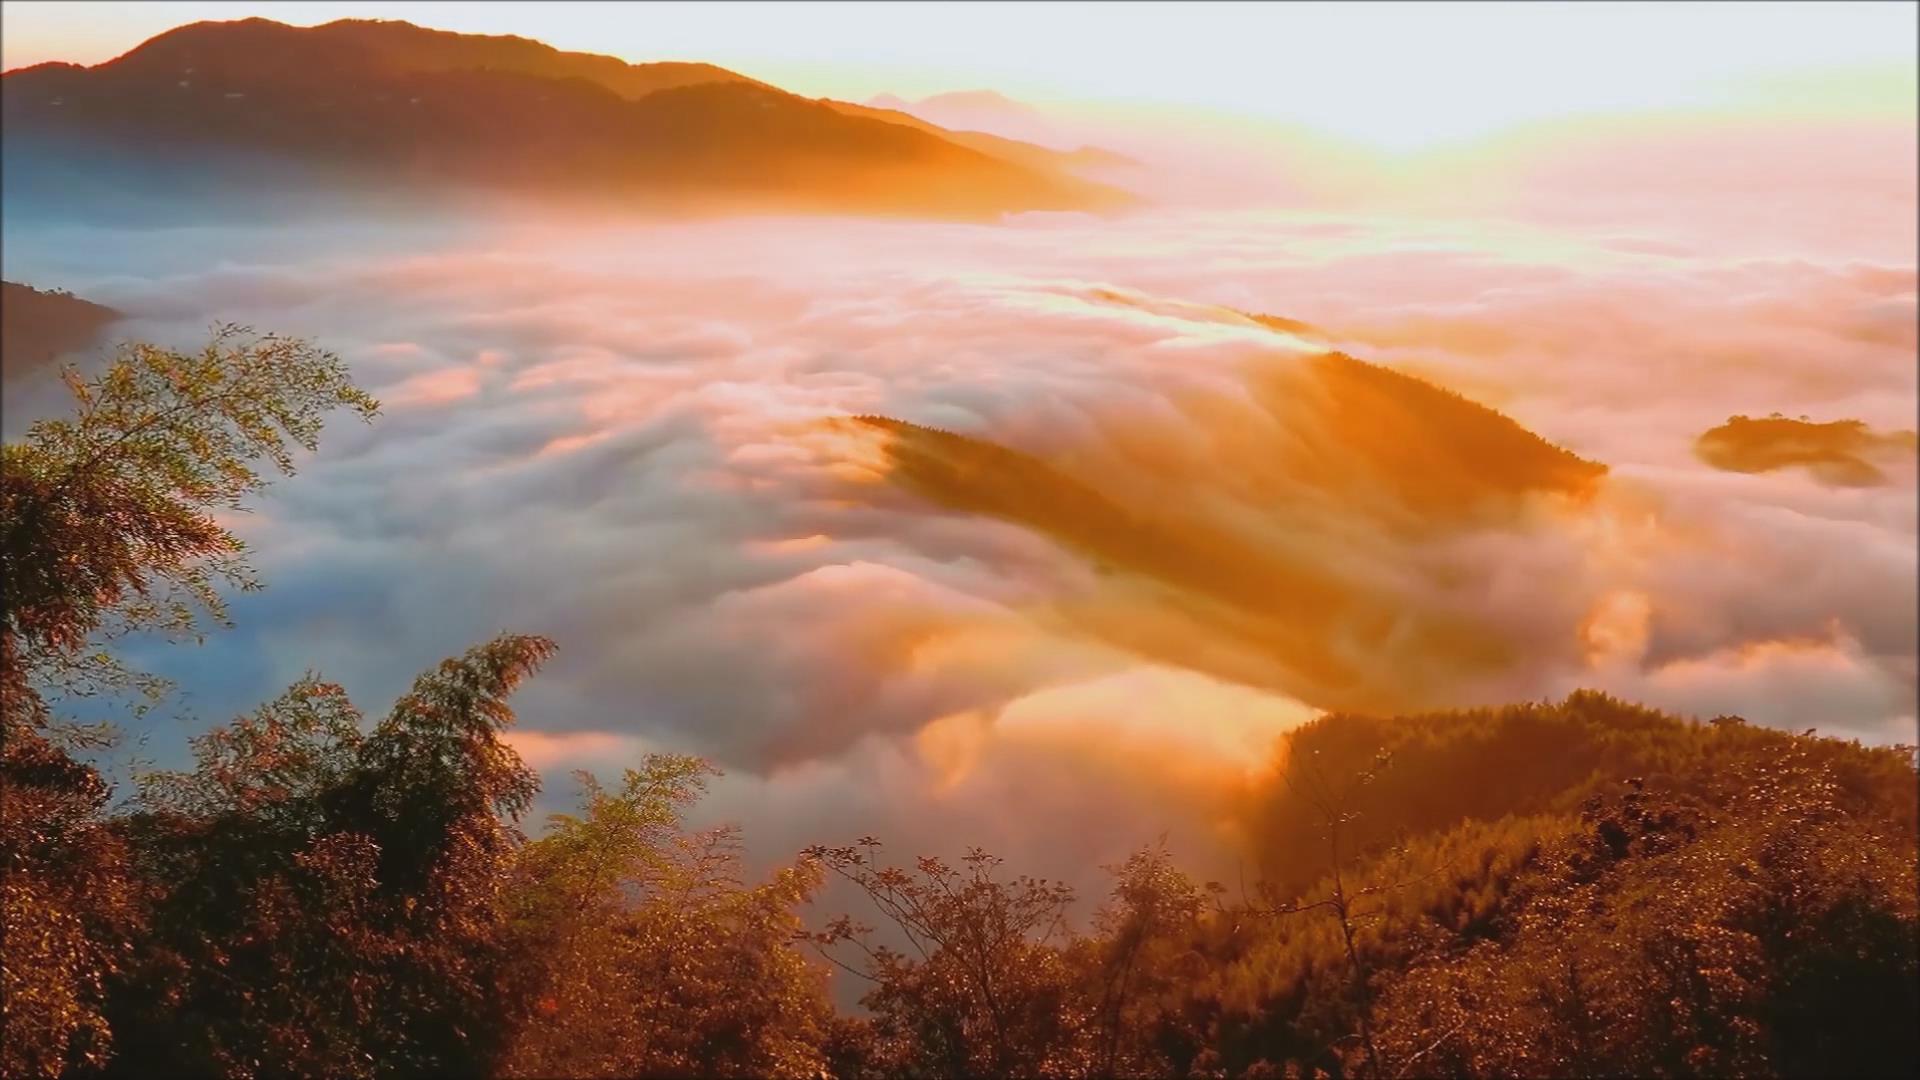 CS 76 云海瀑布   黃金雲瀑與彩雲瀑\-\-2017南投鹿谷大崙山雲海之美\-\-縮時攝影